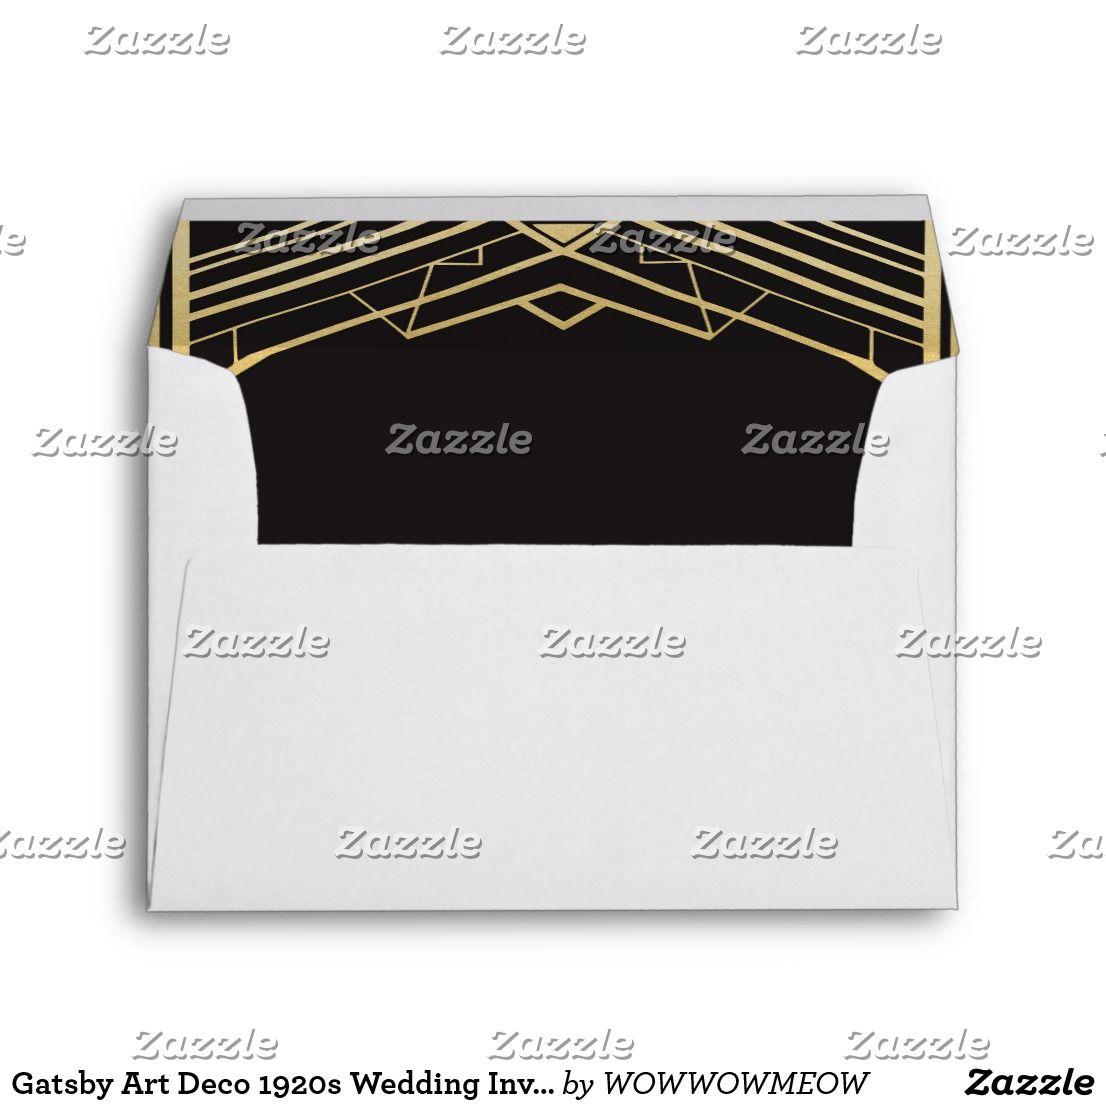 gatsby art deco 1920s wedding invitation envelopes wedding